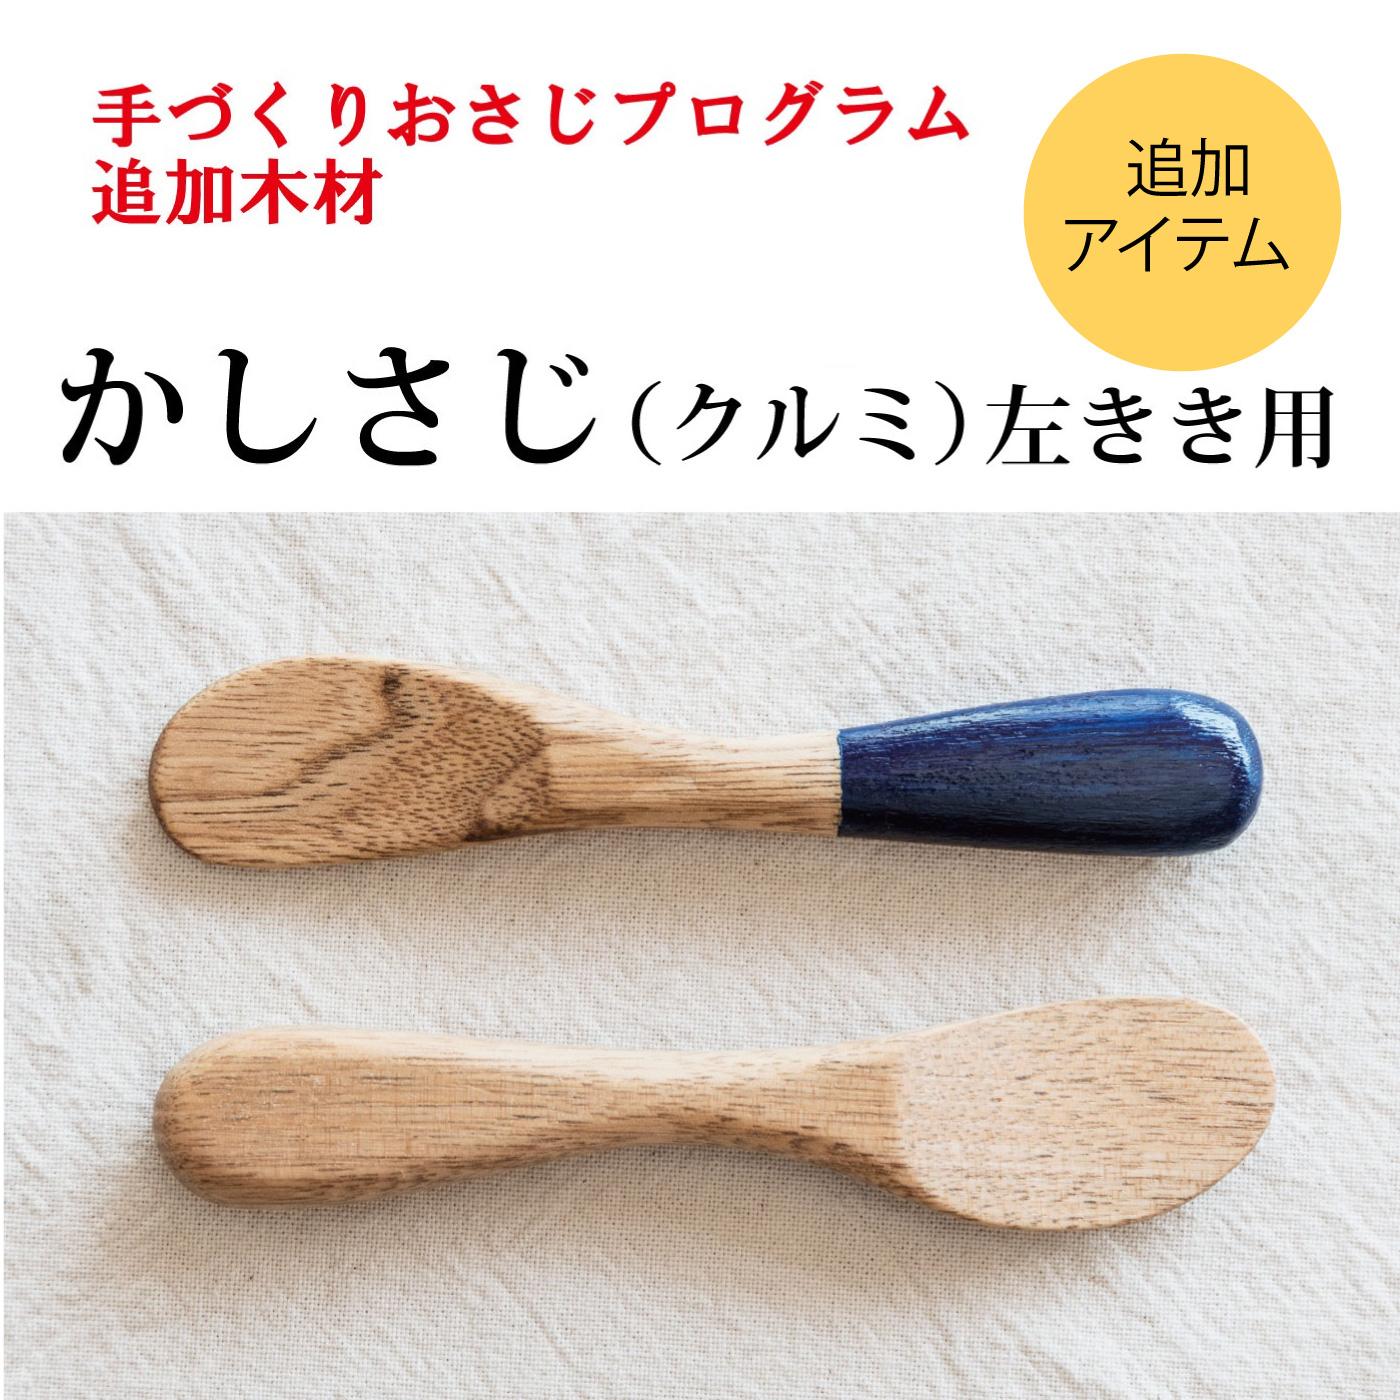 手づくりおさじプログラム 追加購入用木材 かしさじ(クルミ)左きき用